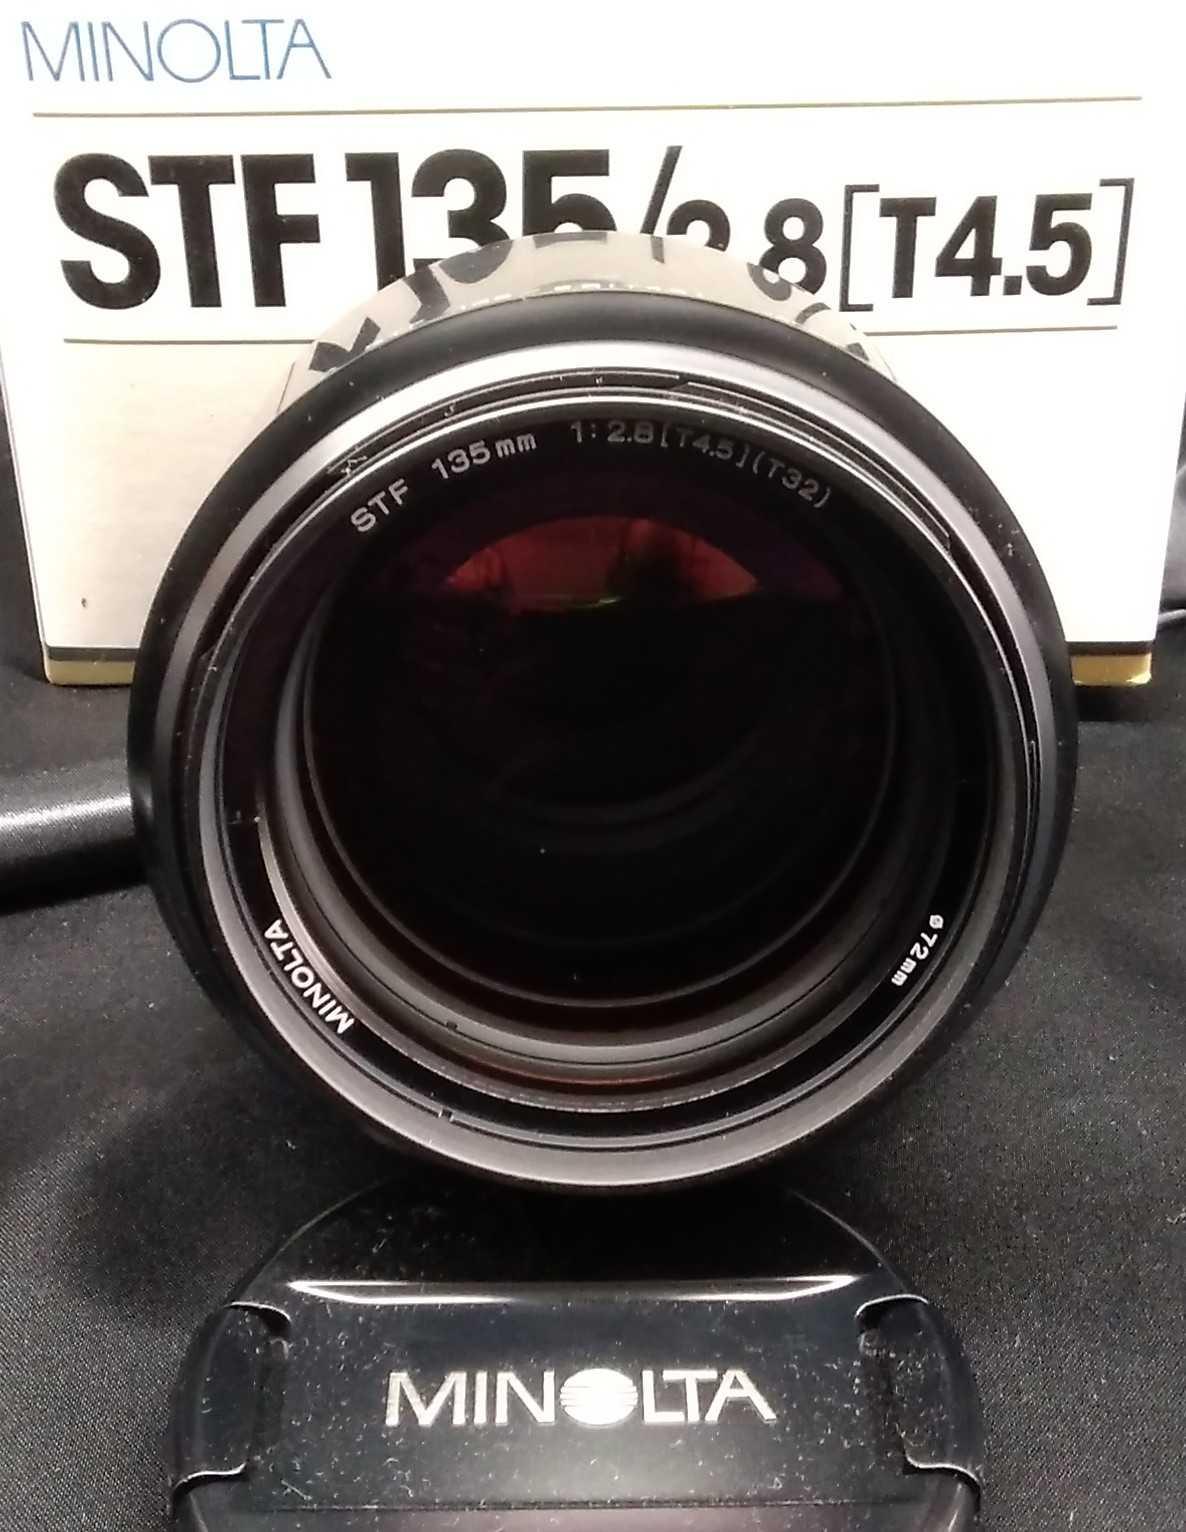 抜群の解像度を誇る望遠(135mm)単焦点!|MINOLTA